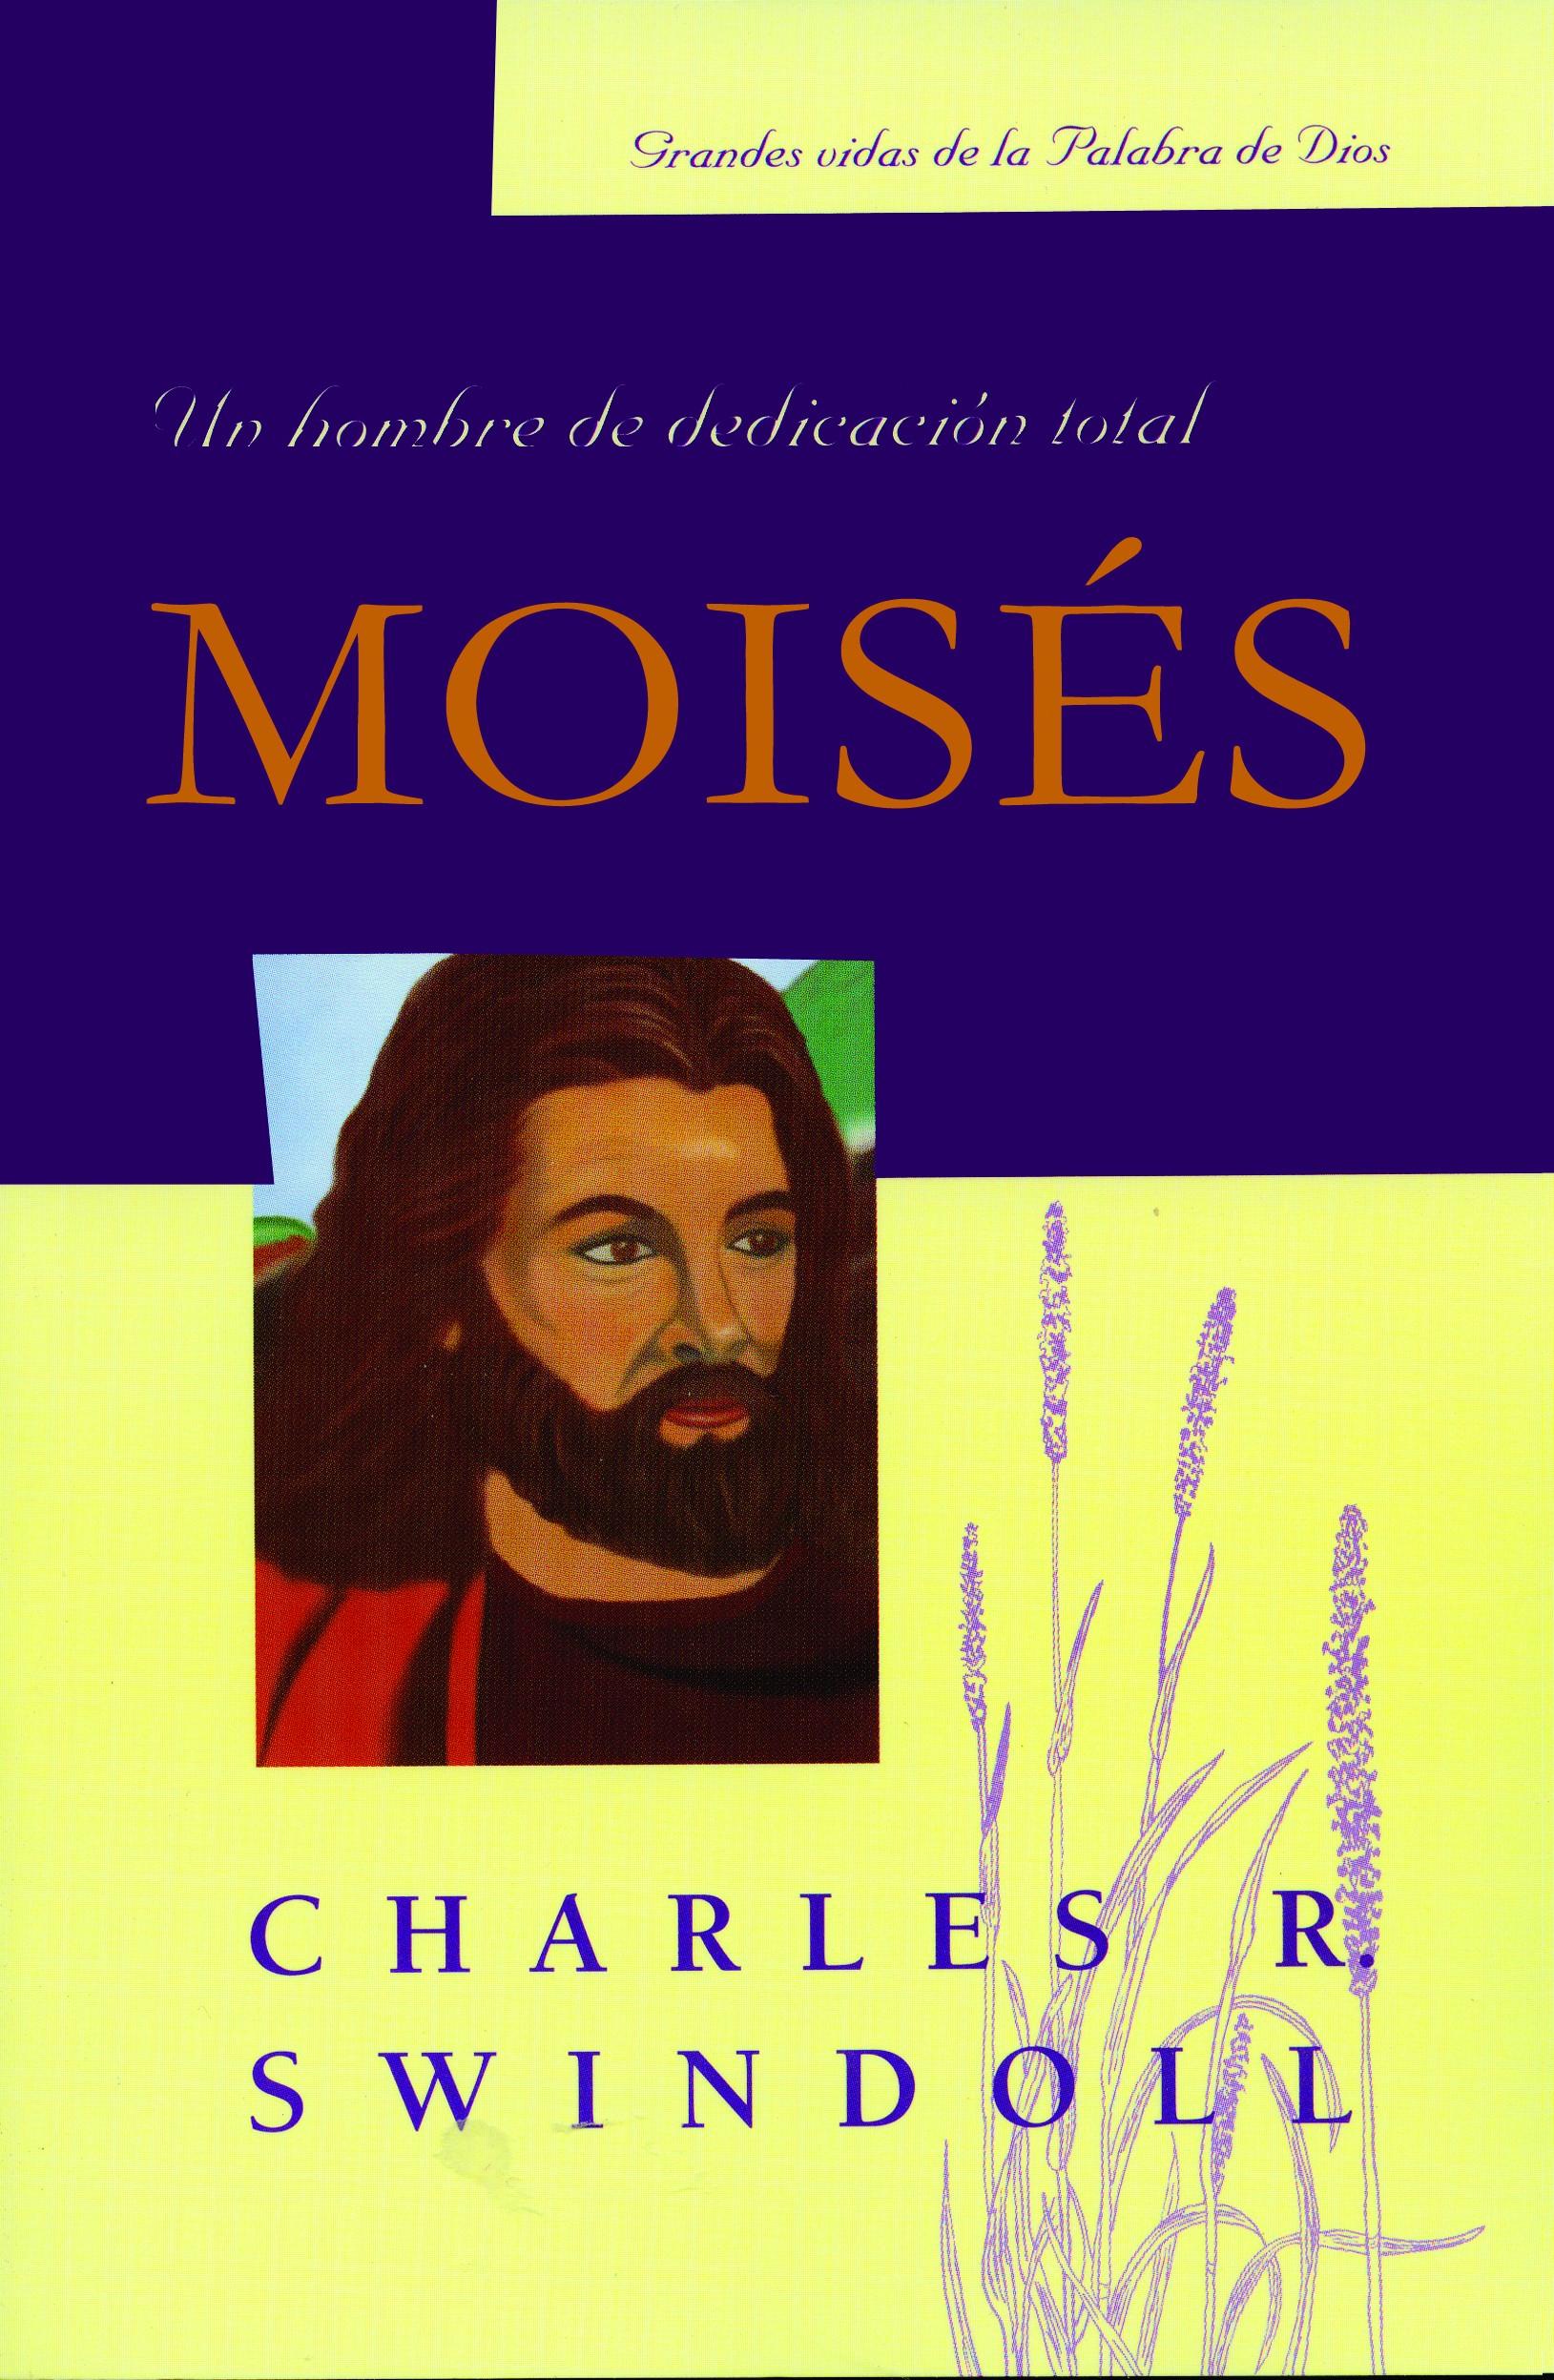 Moisés, un Hombre de Dedicación Total - 9780311461844 - Charles R. Swindoll